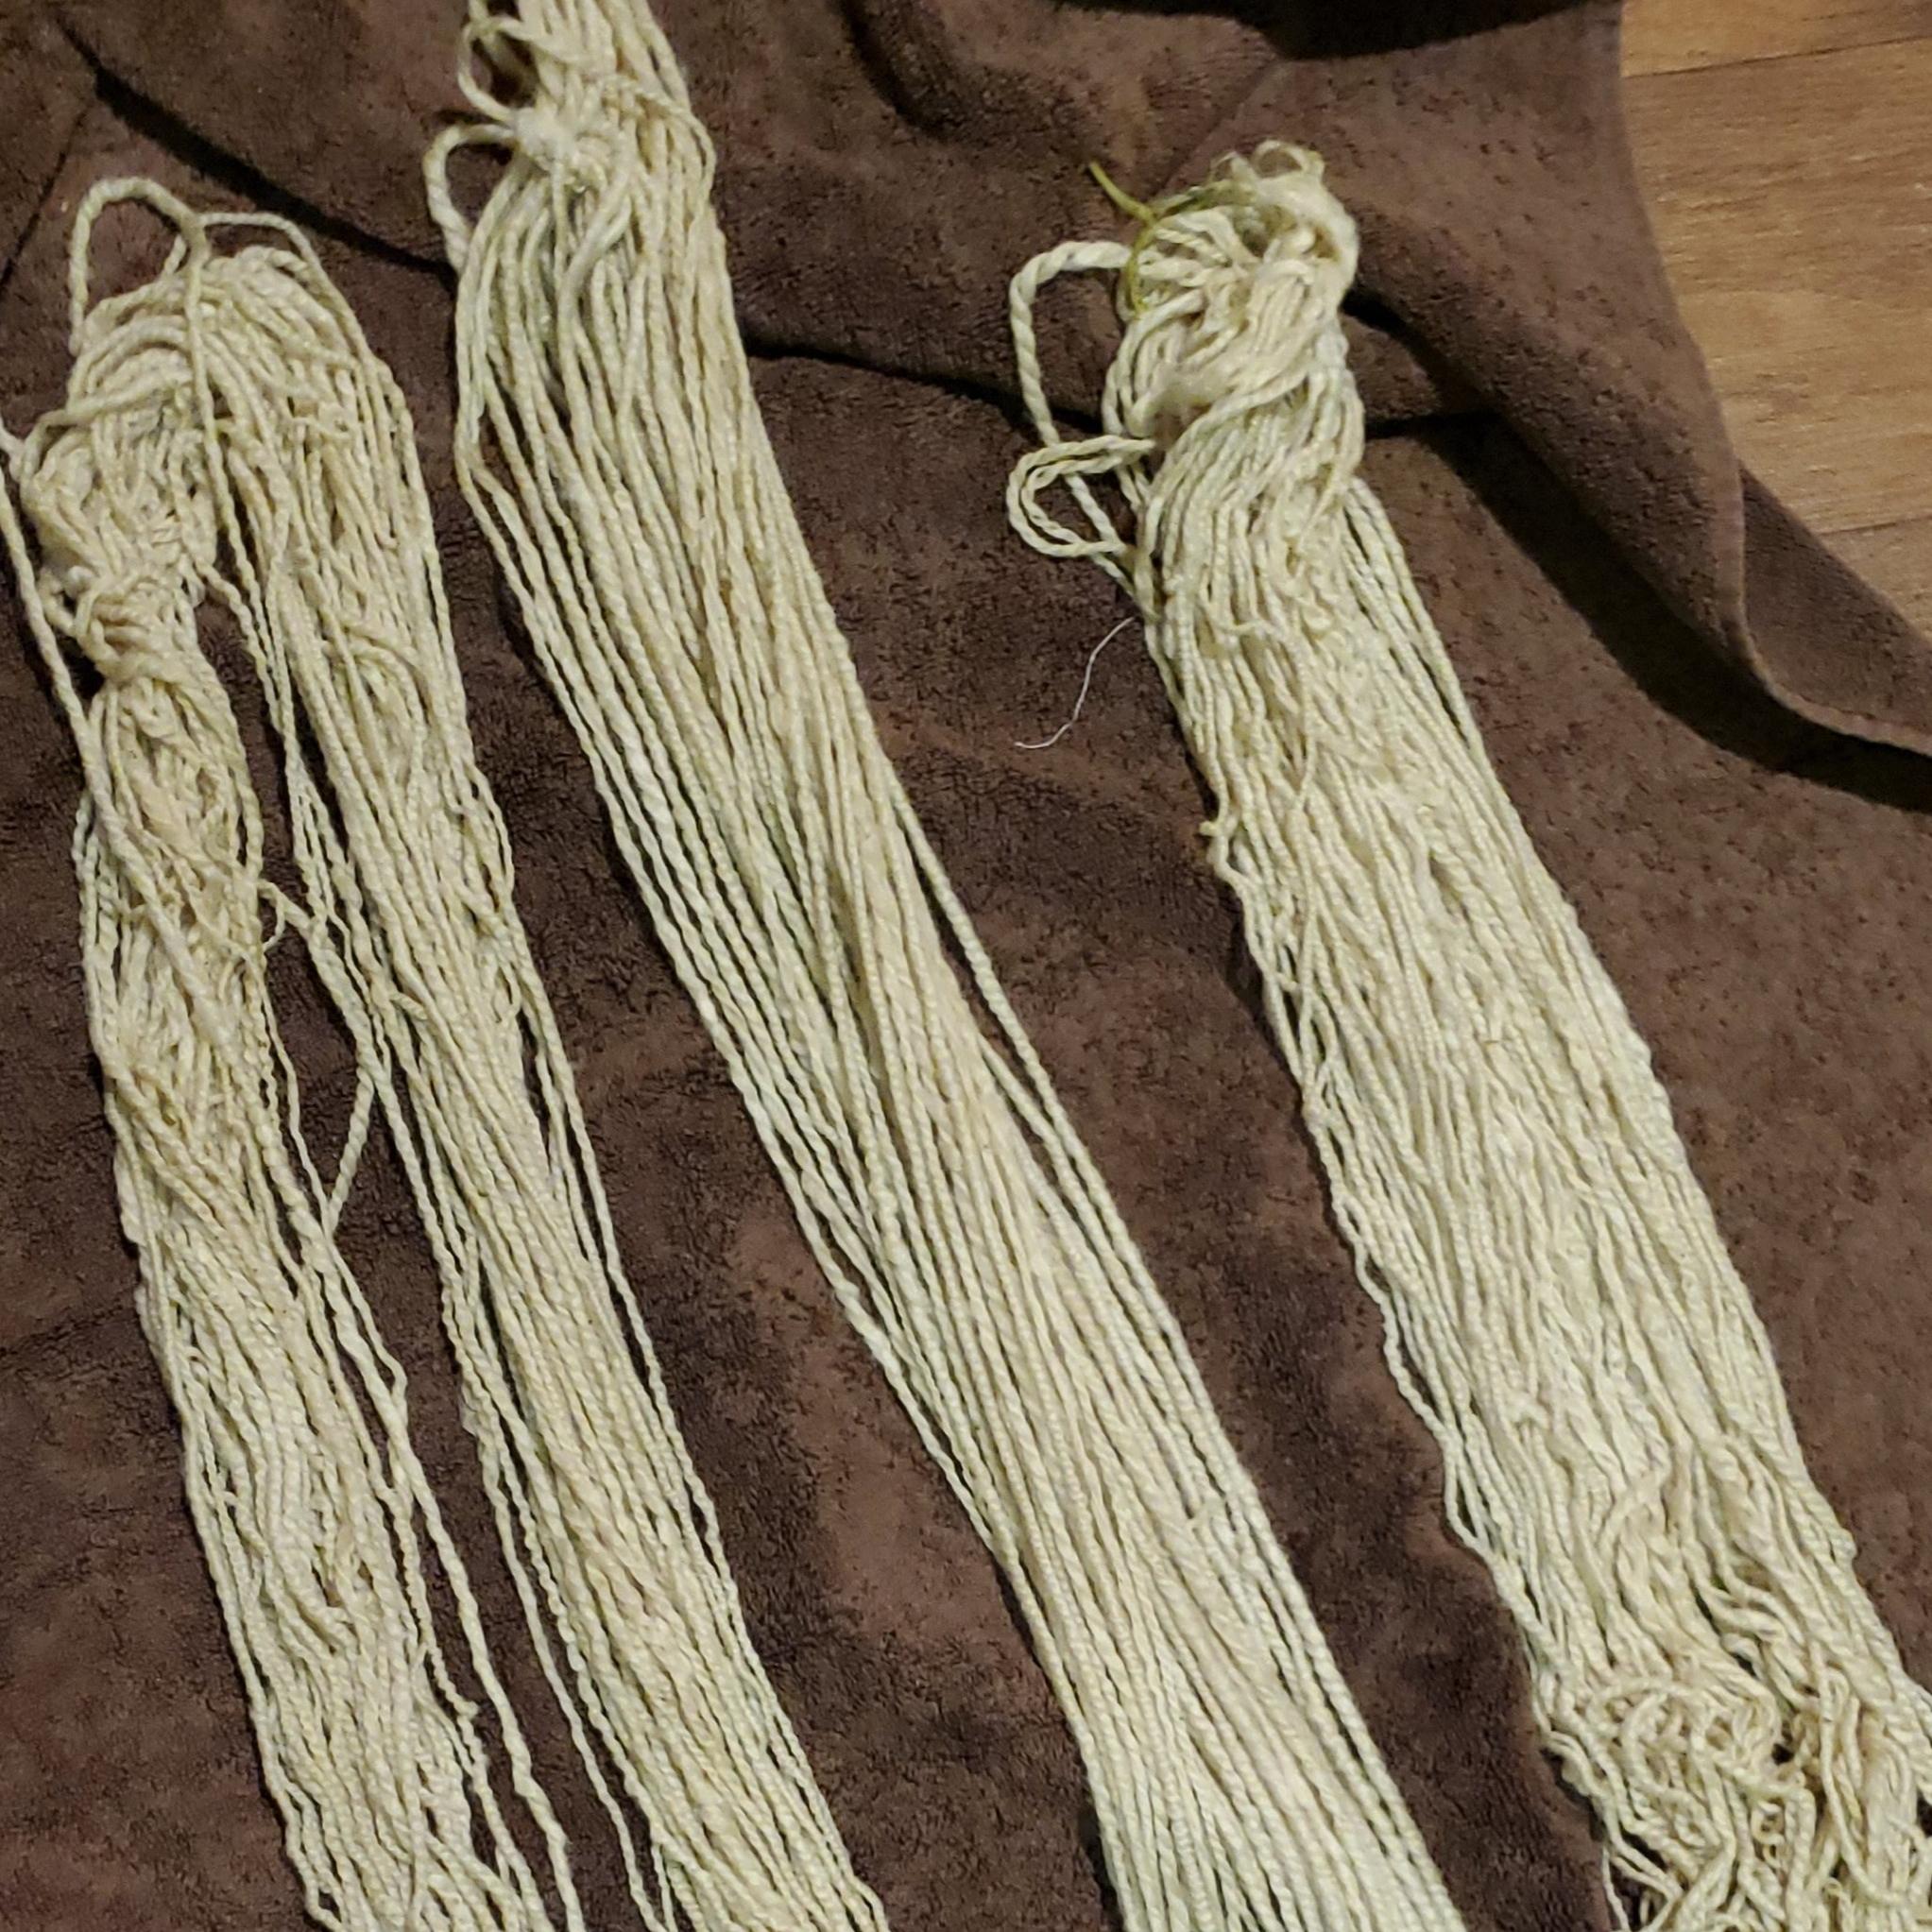 wet yarn fresh out of the dye bath